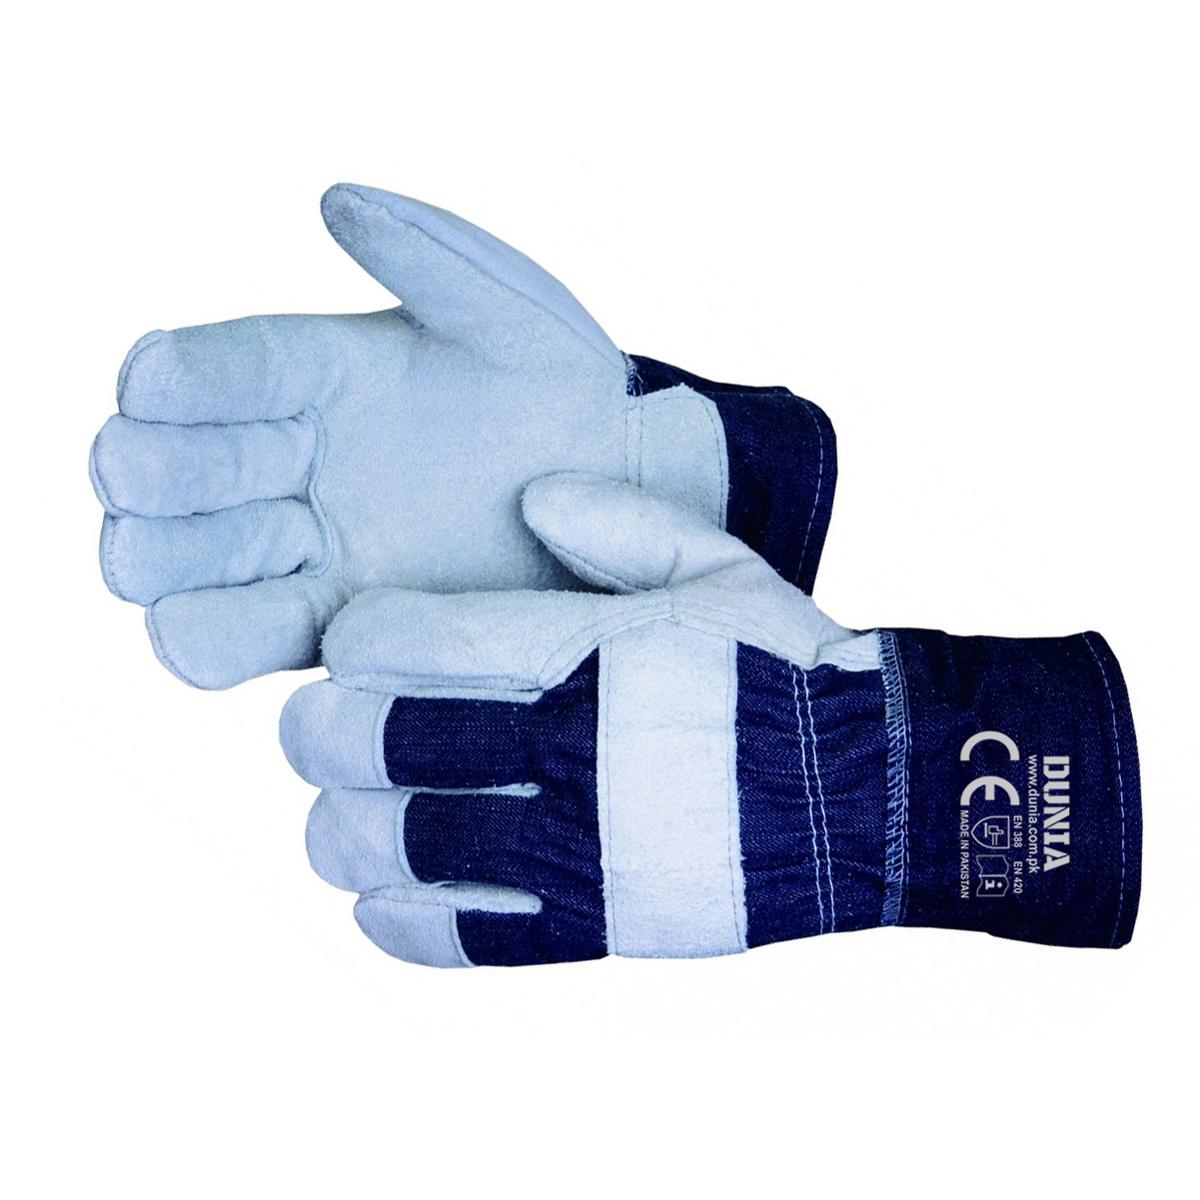 DTC-774 Blue Denim Work Gloves